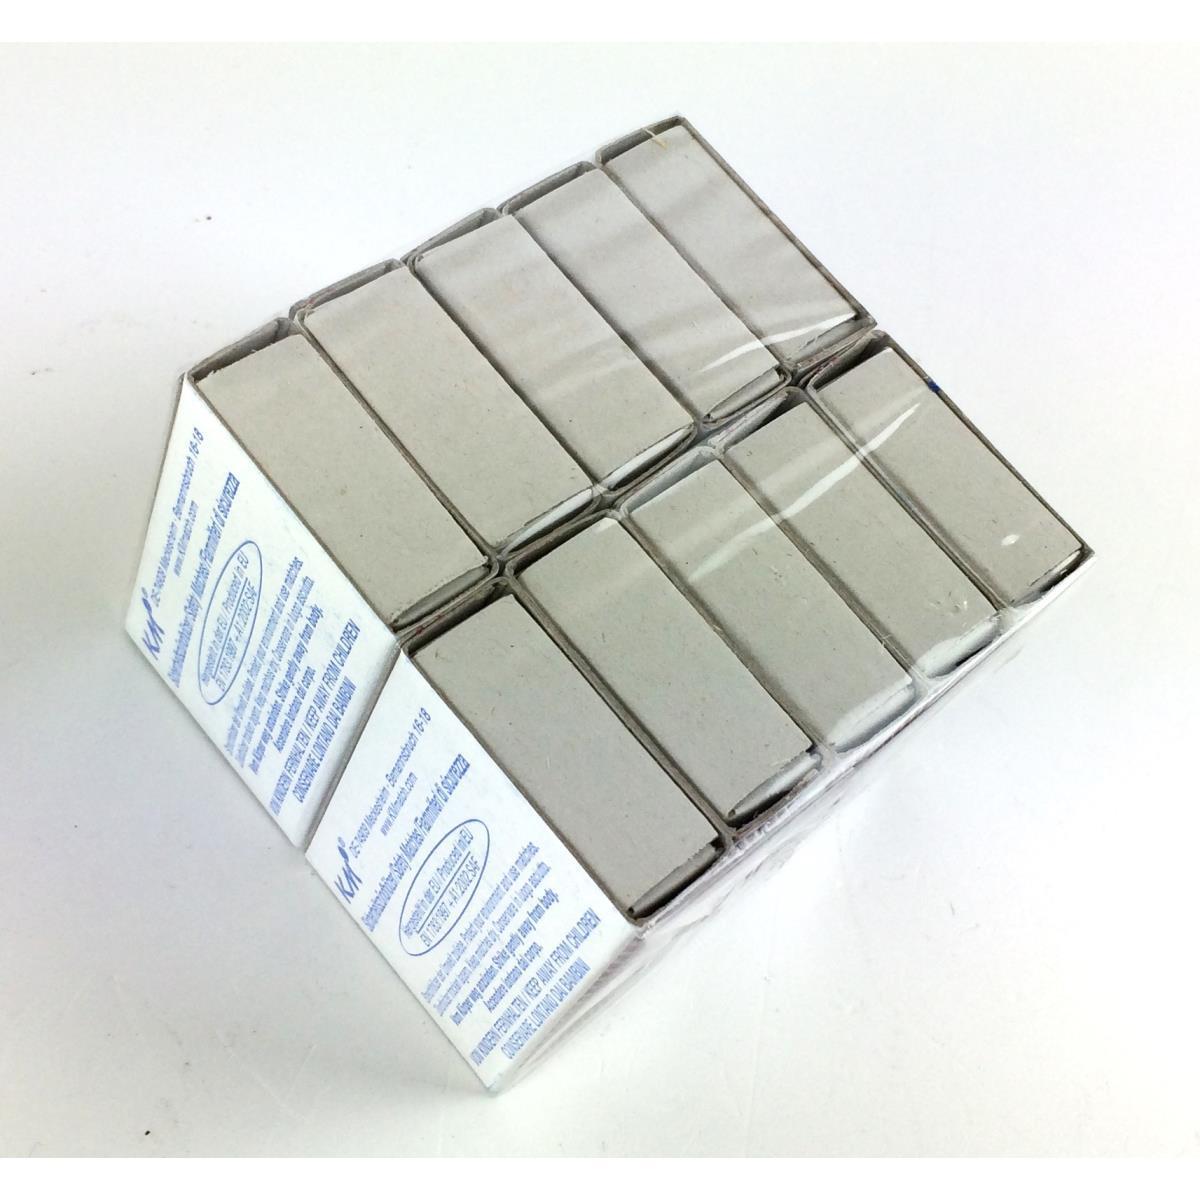 3800 Stück Streichhölzer 100 Schachteln Zündhölzer Zündholzschachtel,KM Zündholz International ,4004753000504, 4243067011510